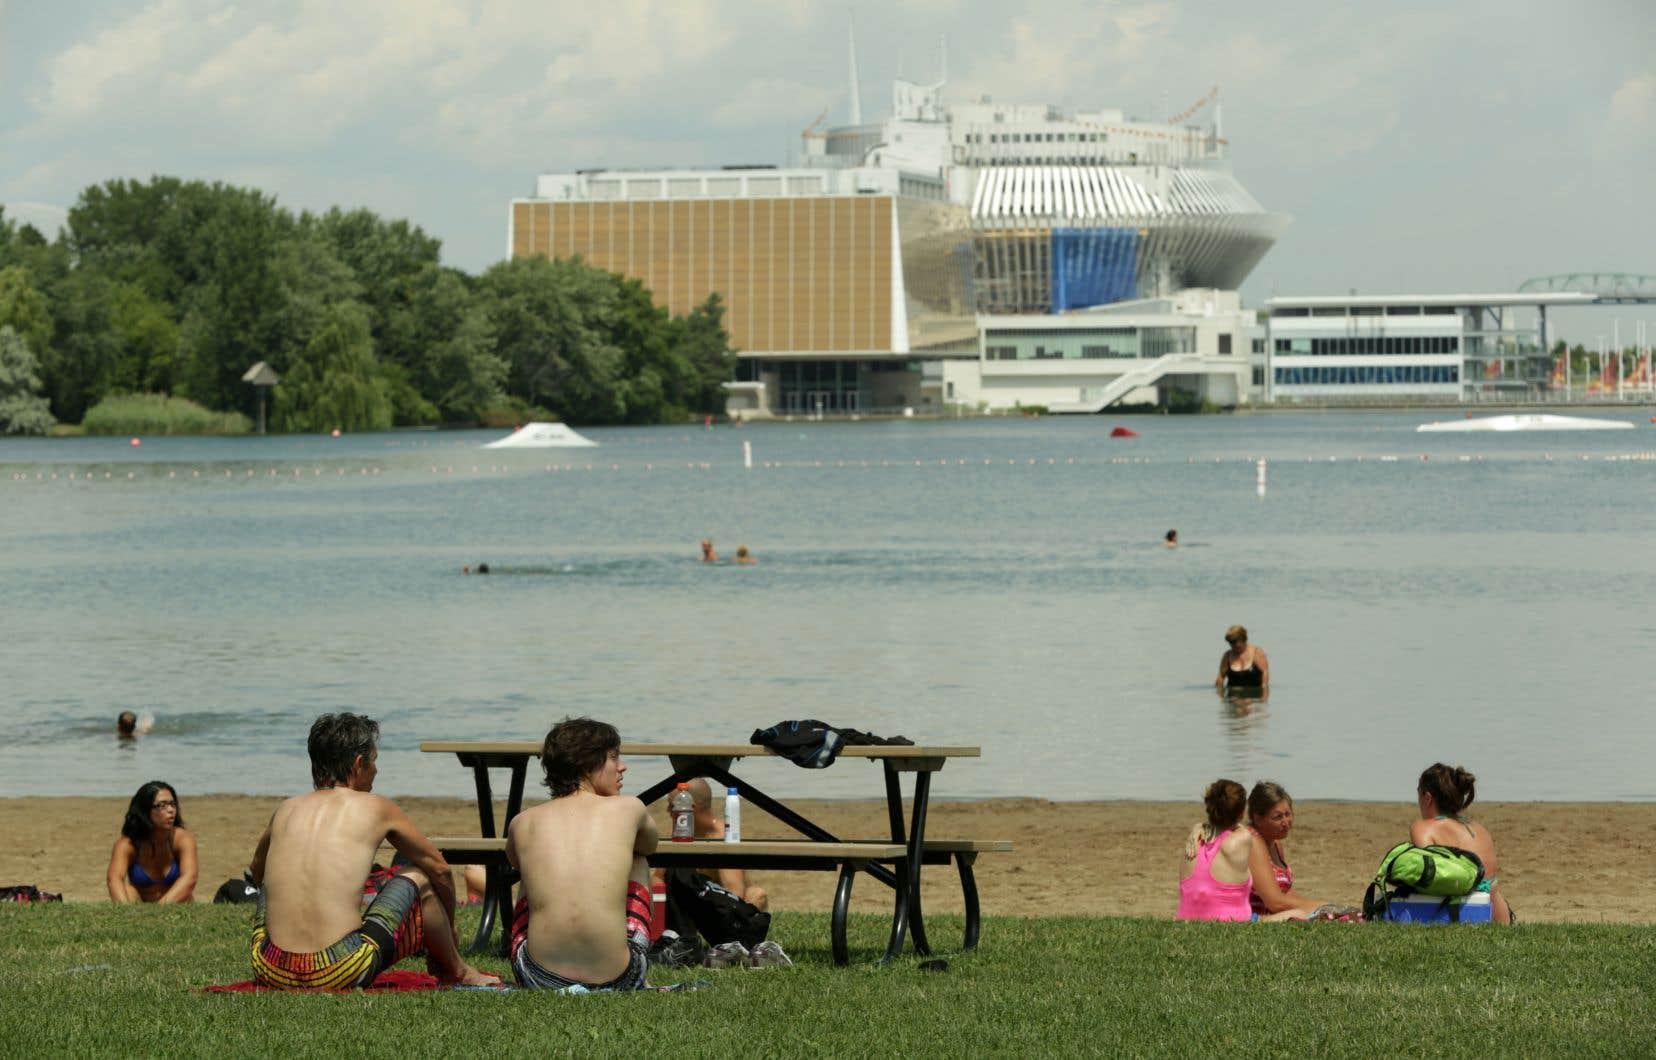 Le rapport de l'Office de consultation publique de Montréal critique la place importante qu'occupent les grands événements dans le parc au détriment des usagers qui cherchent des lieux de détente.